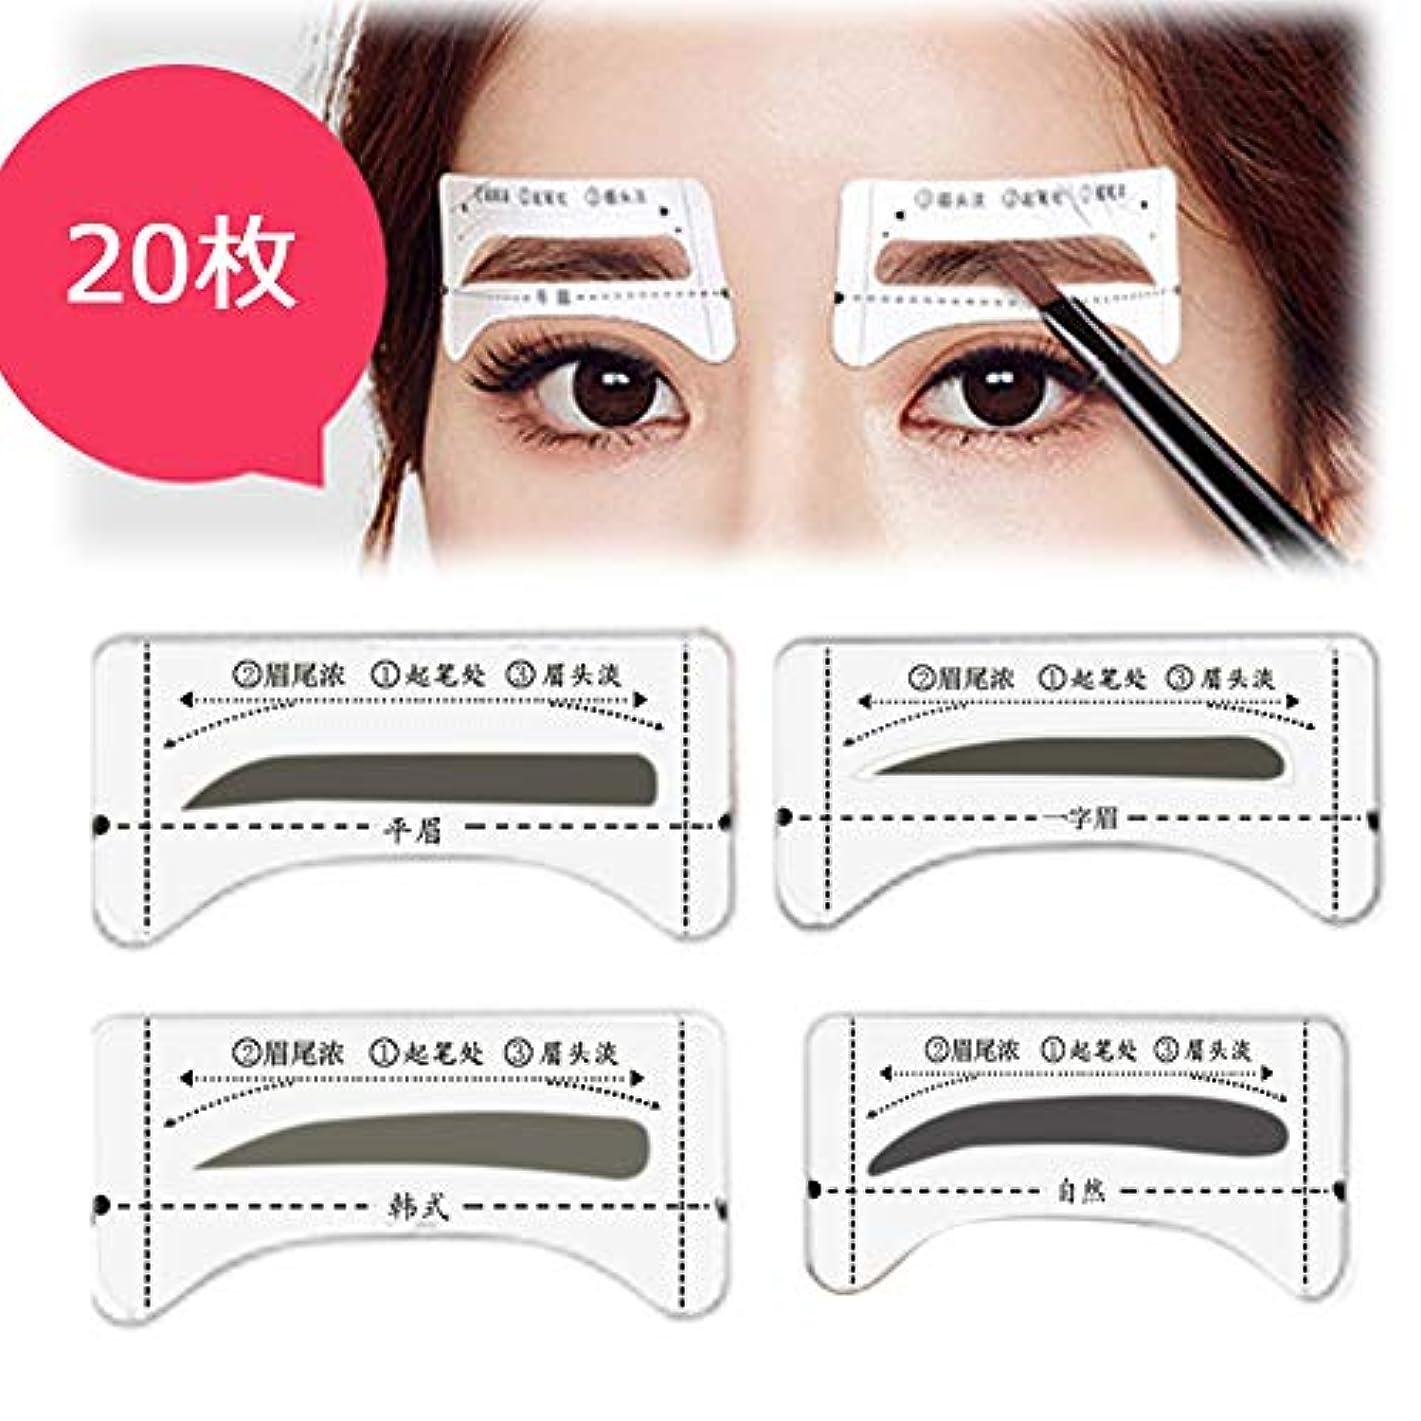 シェア自伝上眉テンプレート 眉毛 4種20枚(韓国風、一言眉、自然、平らな眉毛)片手使用する